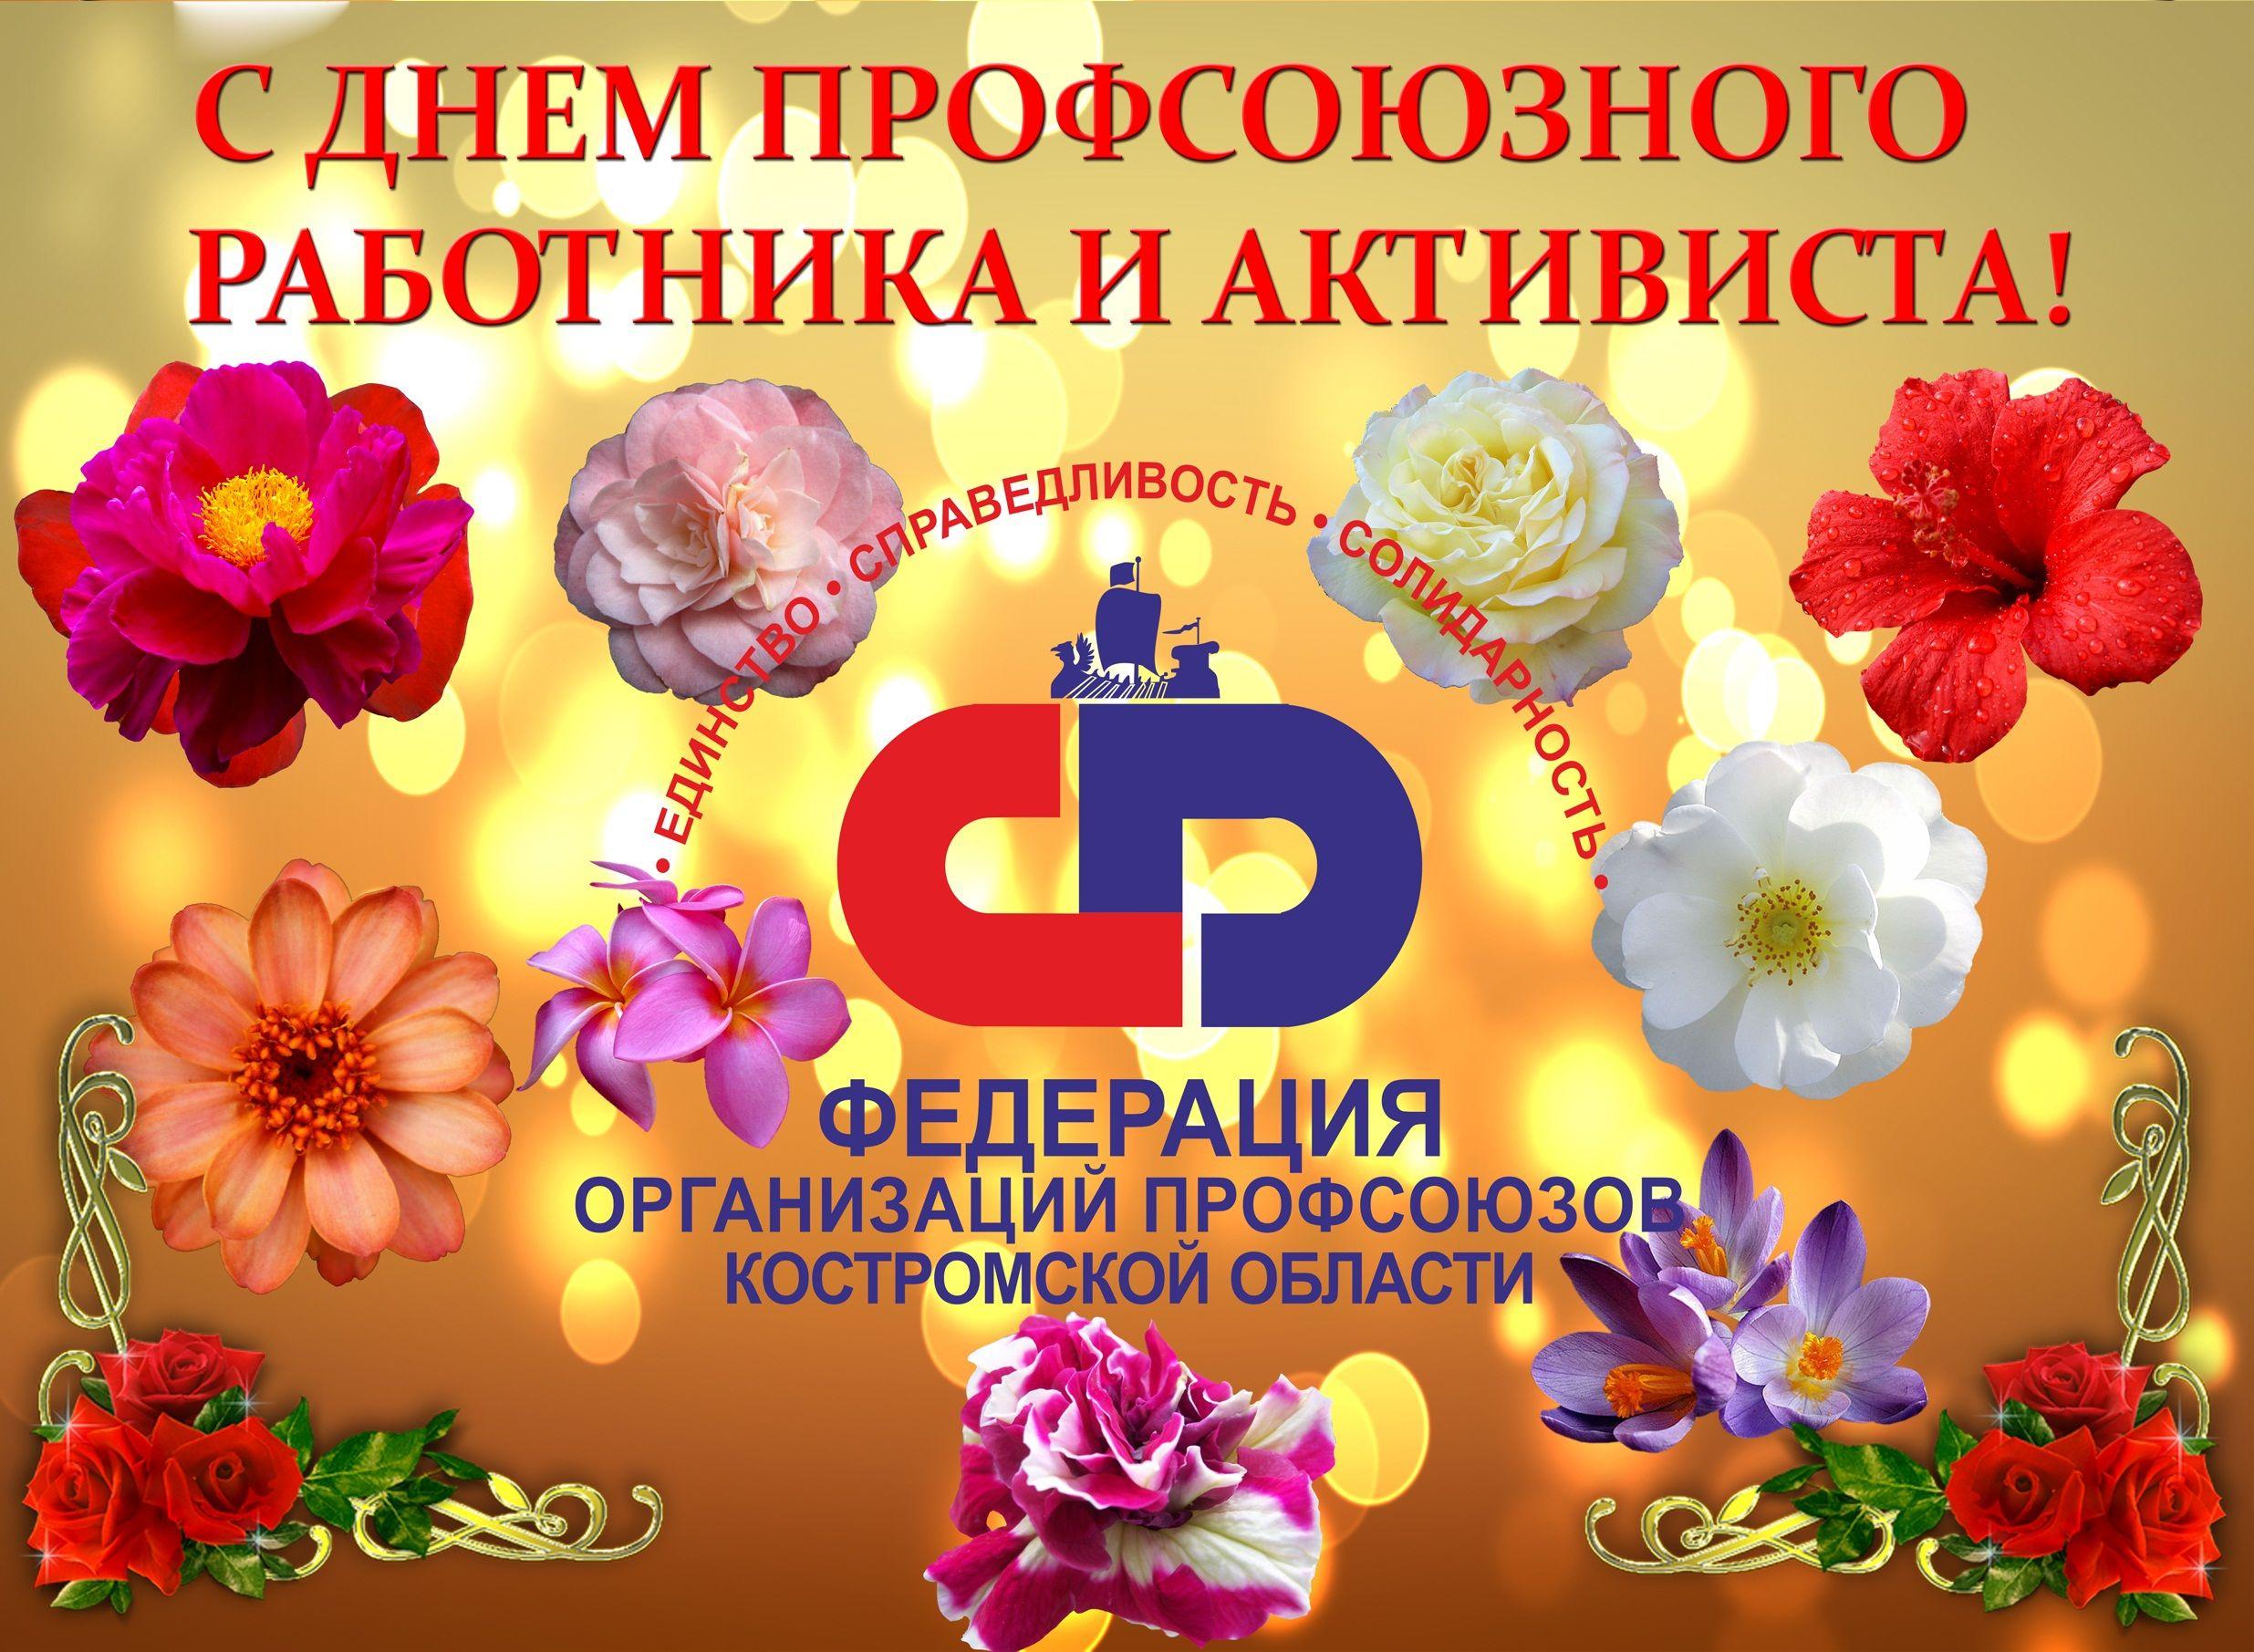 Поздравления работнику профсоюза